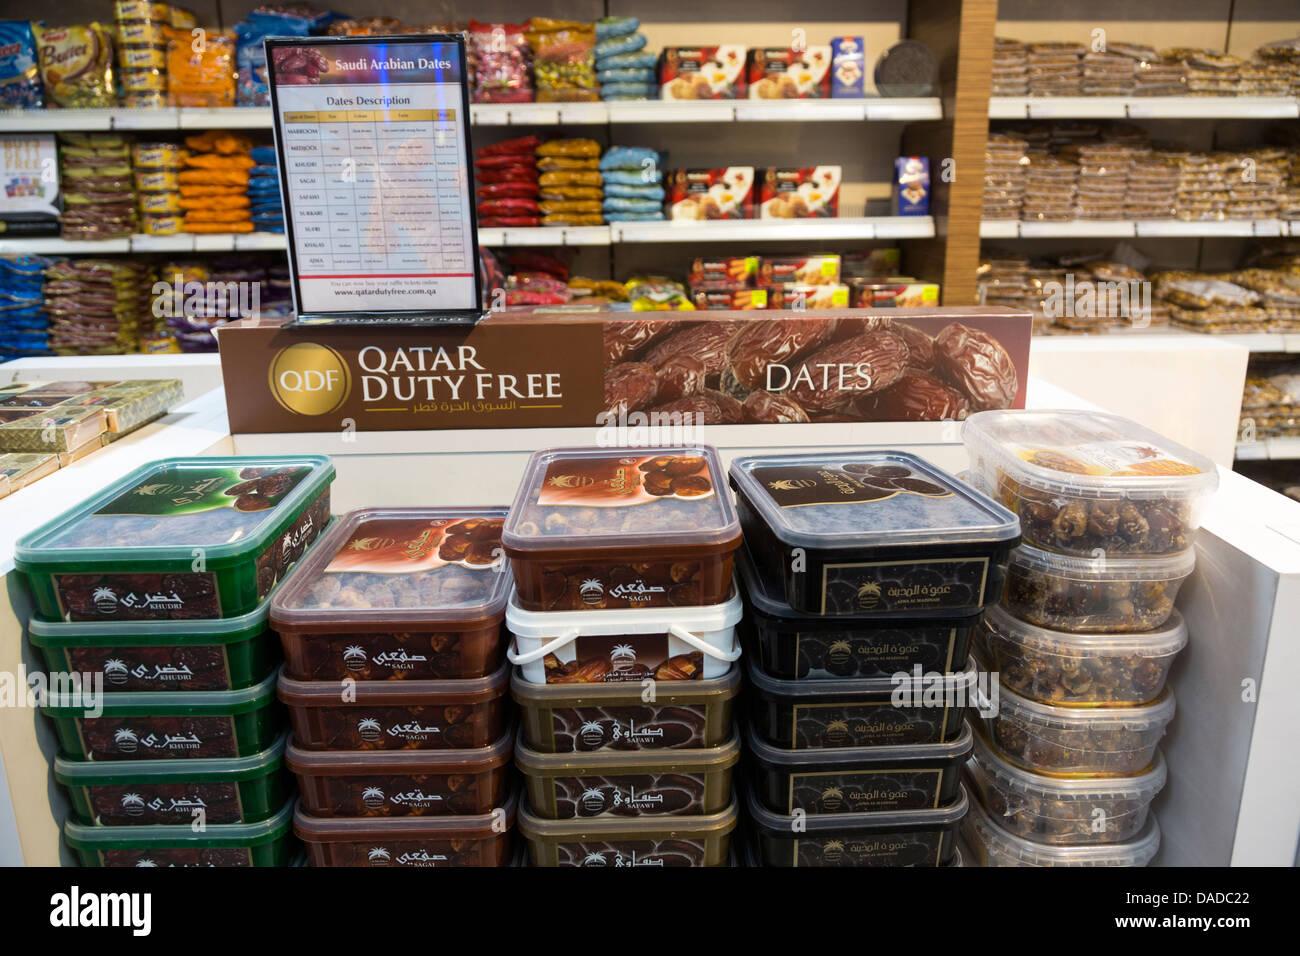 Dates de vente, boutiques, aéroport de Doha, Qatar Banque D'Images